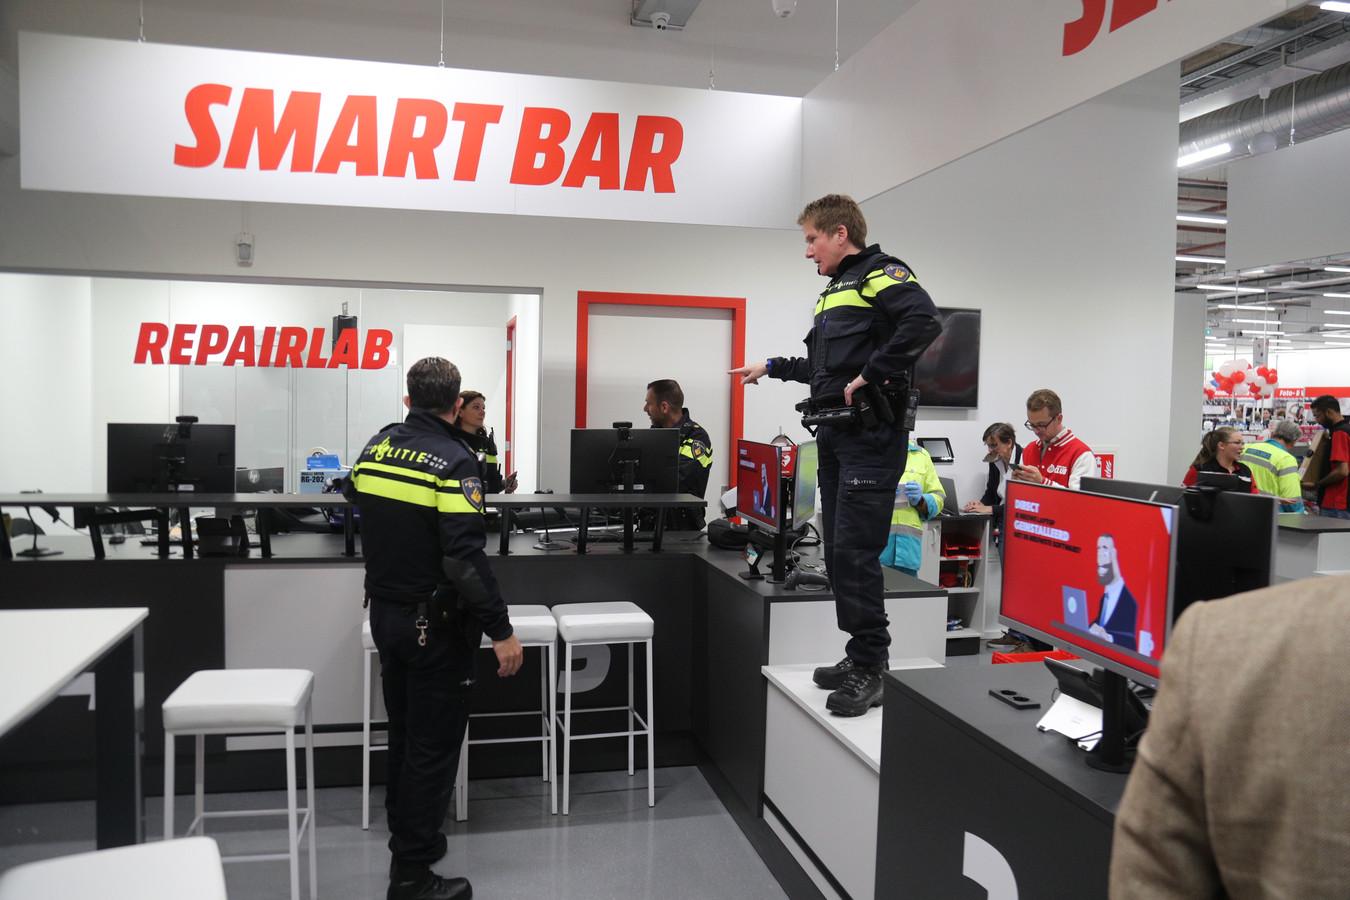 De politie stelt orde in de Mediamarkt in Leidschendam